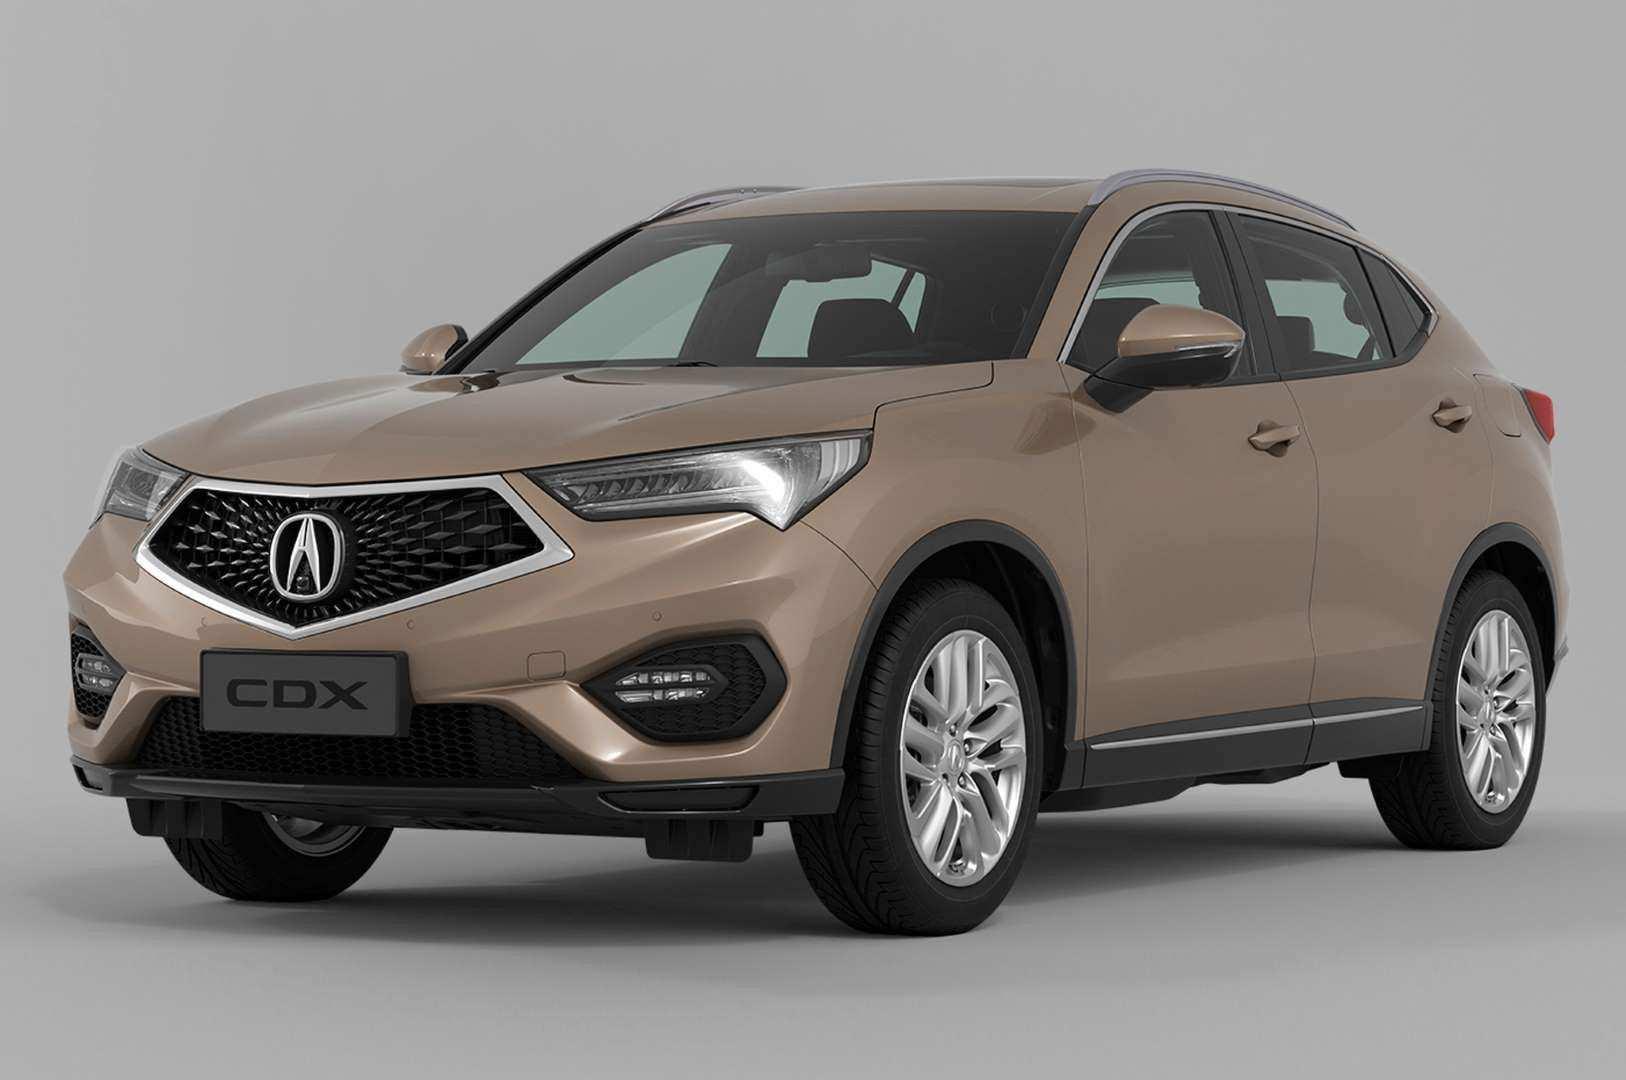 65 New Acura Mdx 2020 Price Interior with Acura Mdx 2020 Price